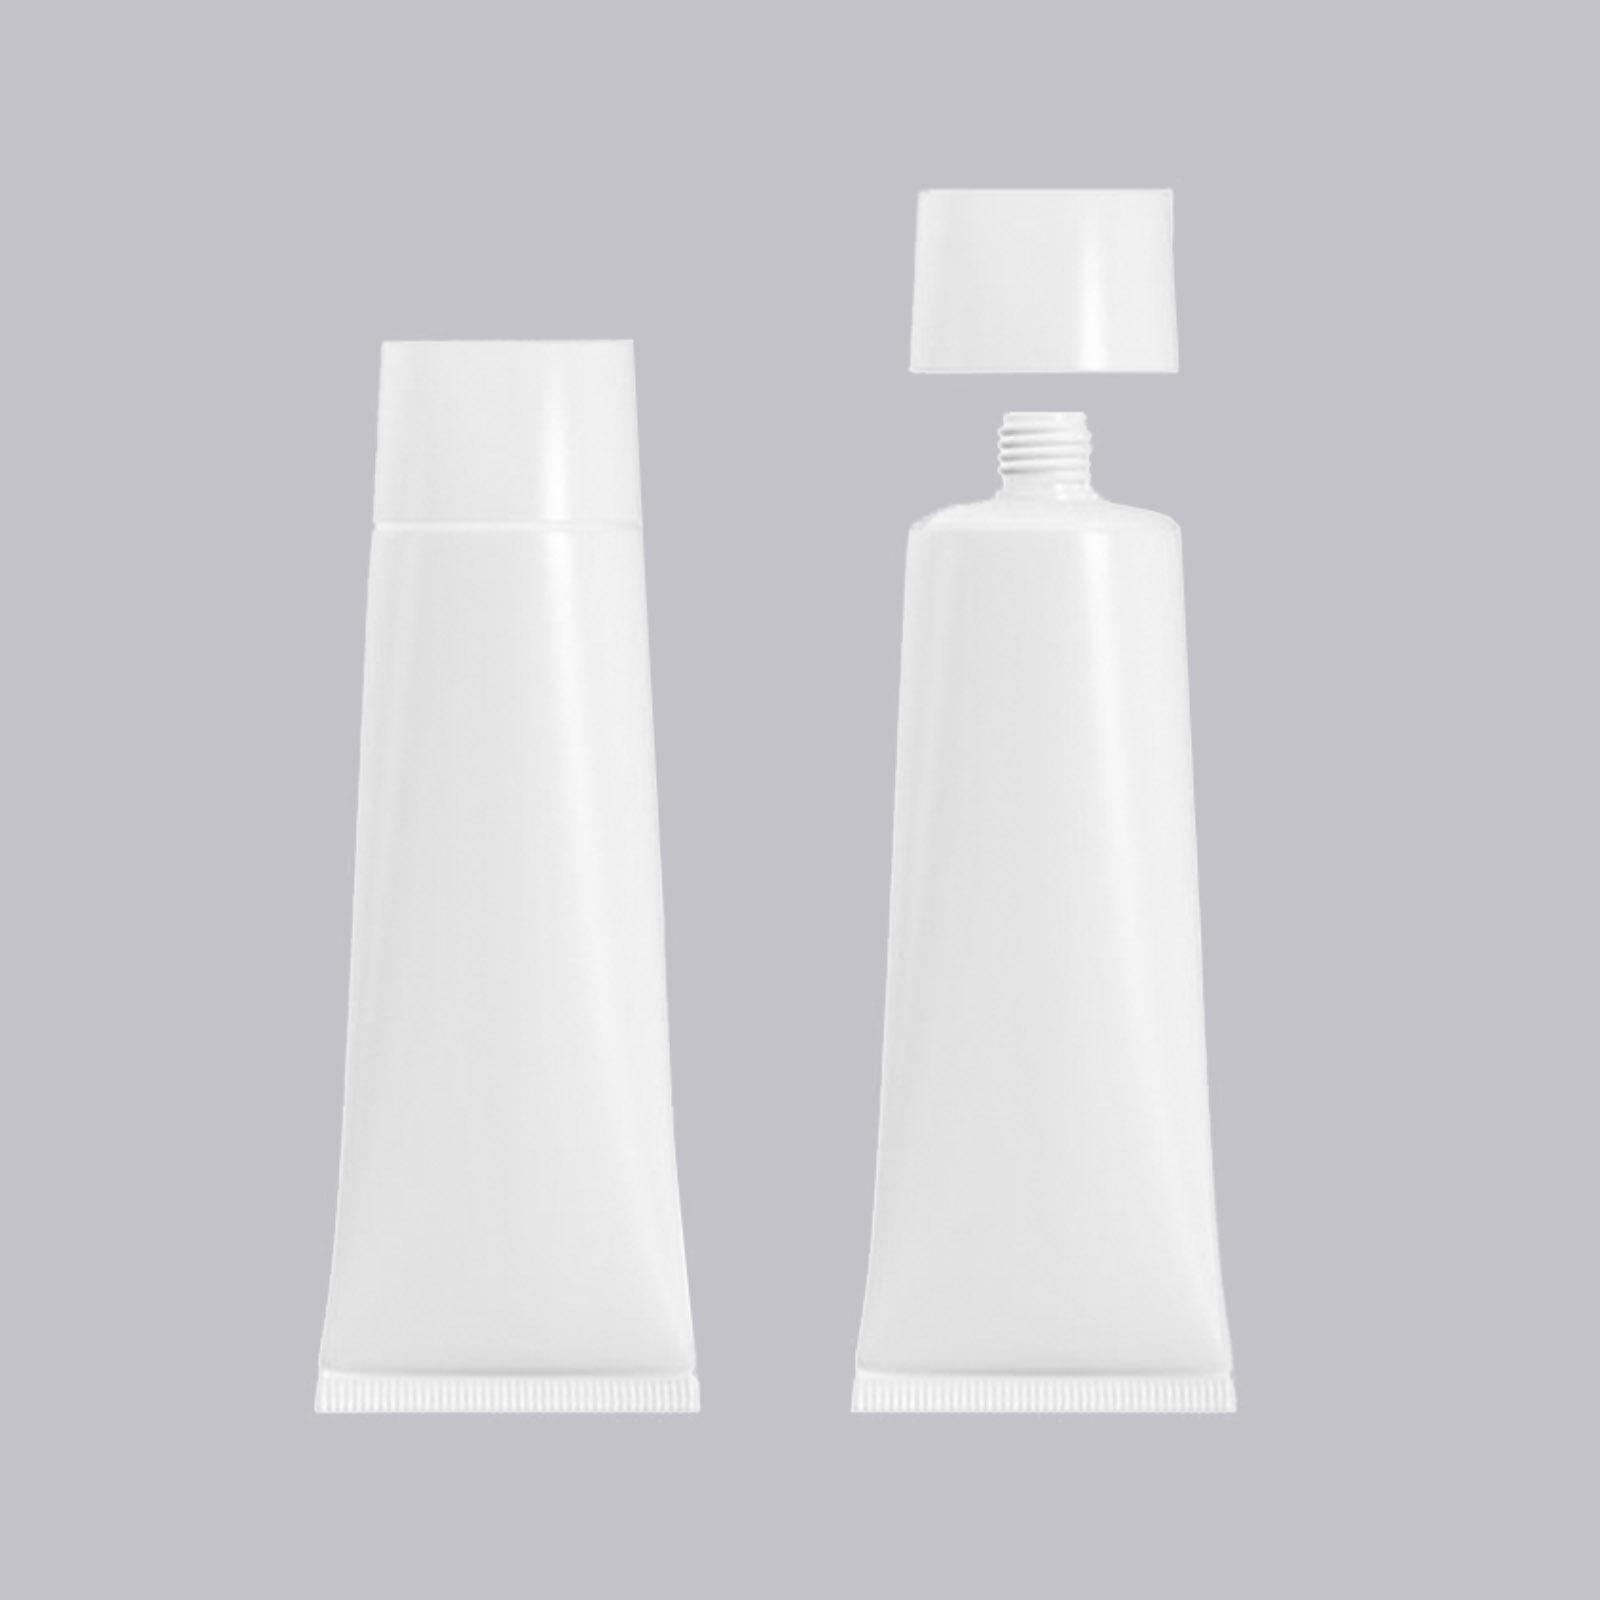 注塑级降解材料应用-牙膏瓶